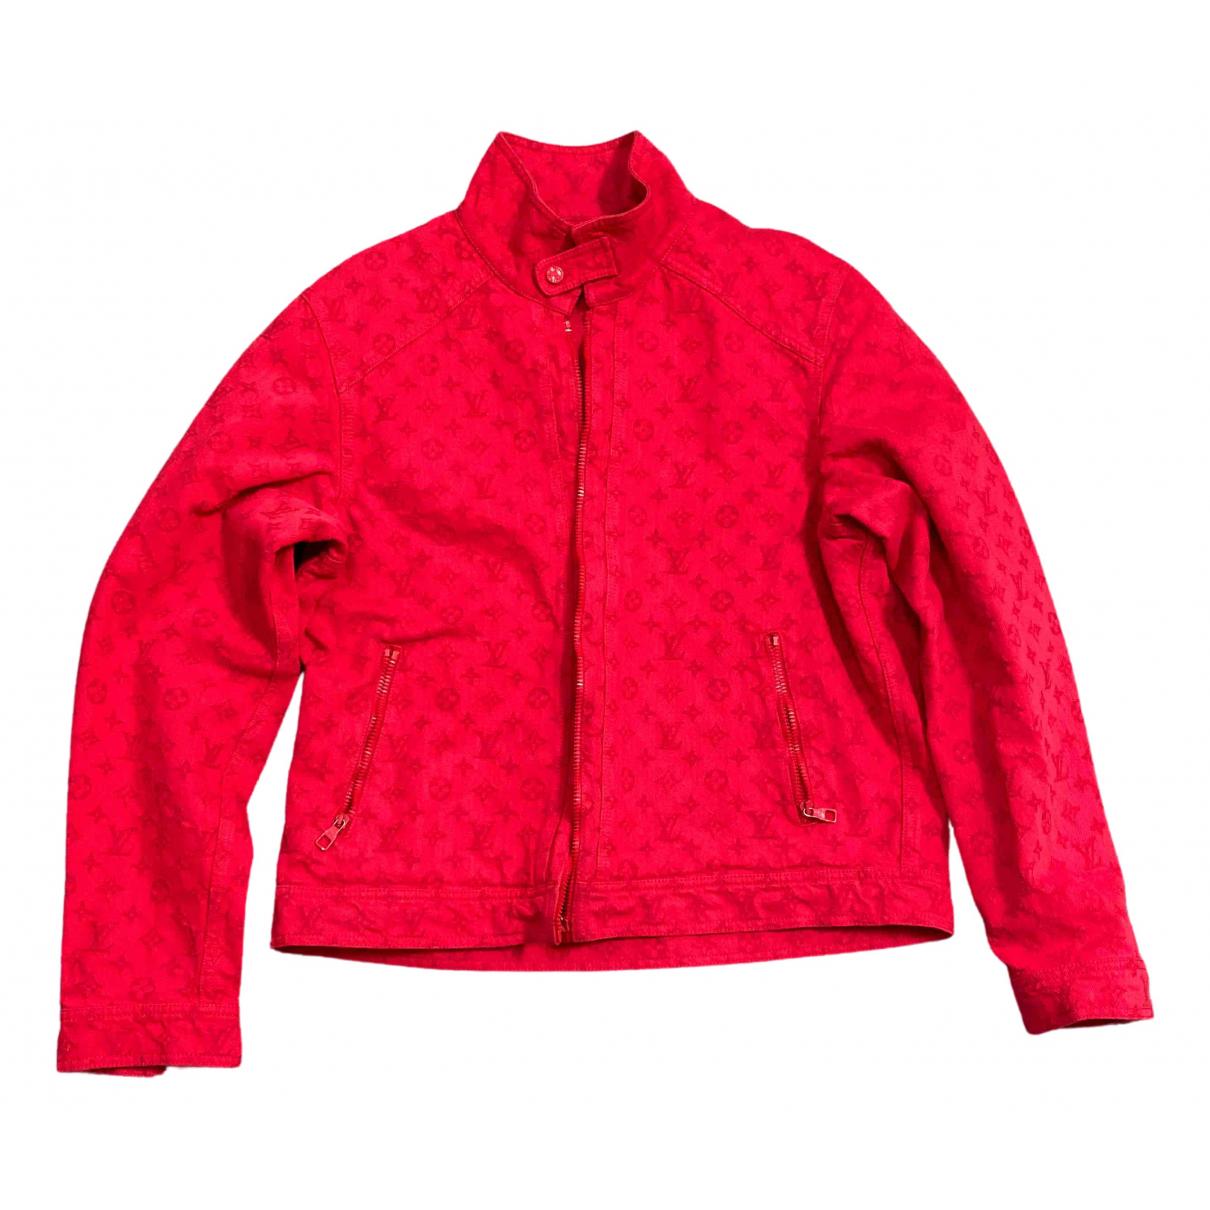 Louis Vuitton - Vestes.Blousons   pour homme en denim - rouge